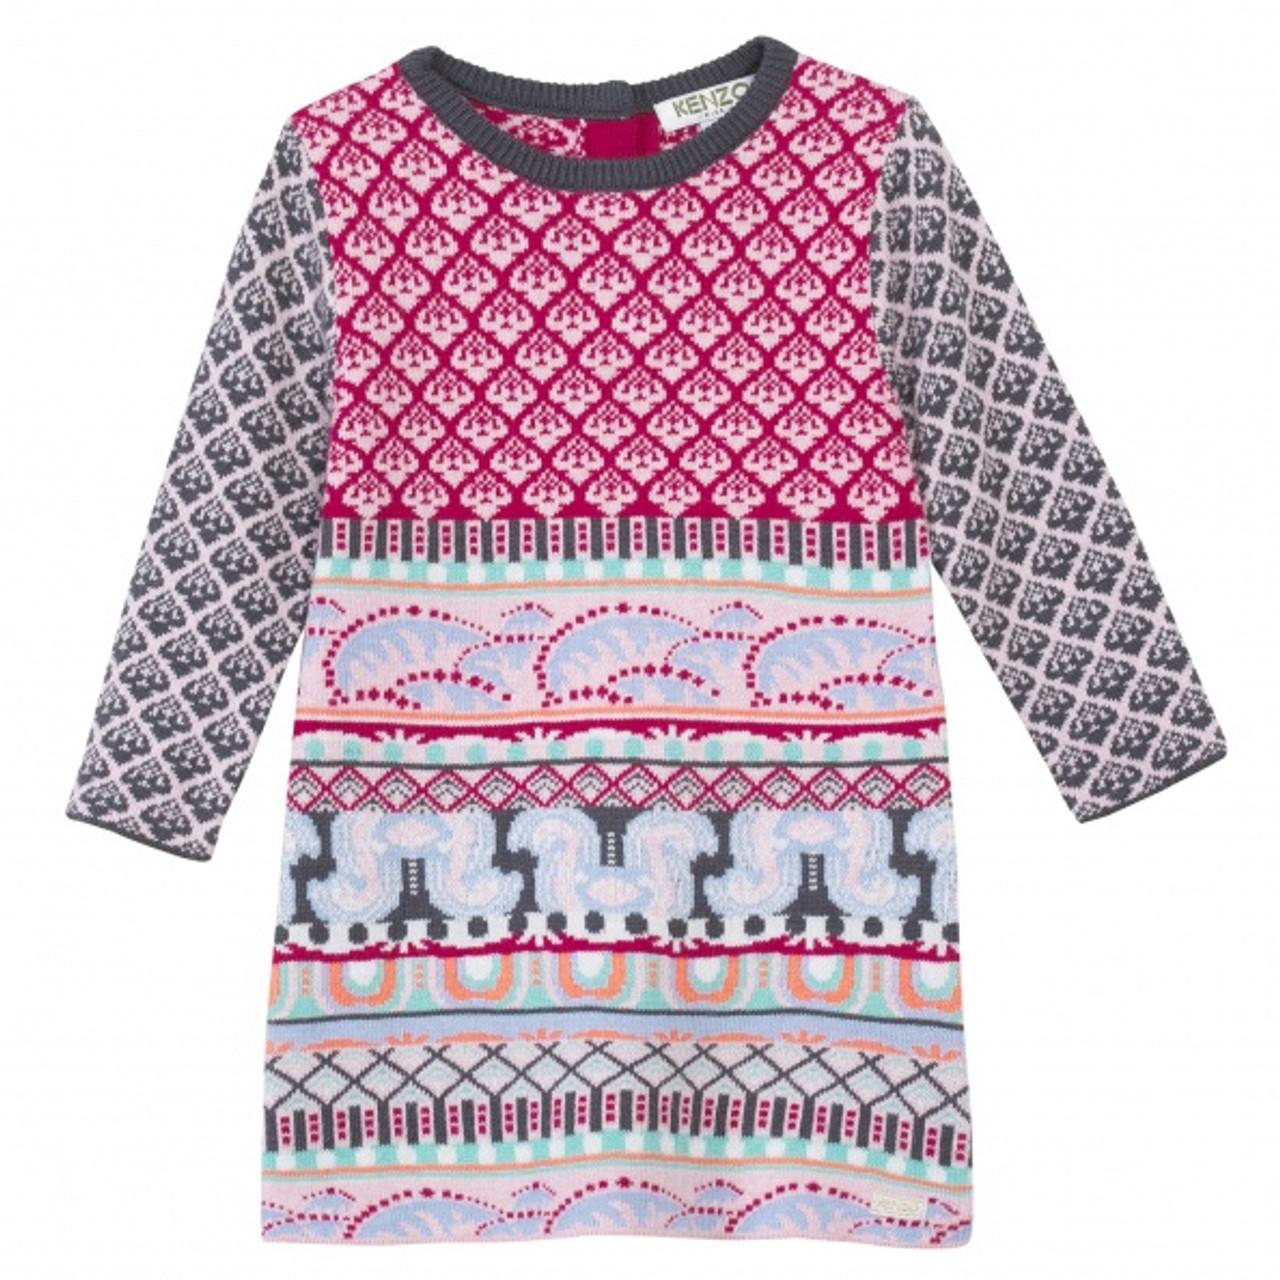 7feaa87c6 Kenzo Dress ke30062 - Le Petit Kids